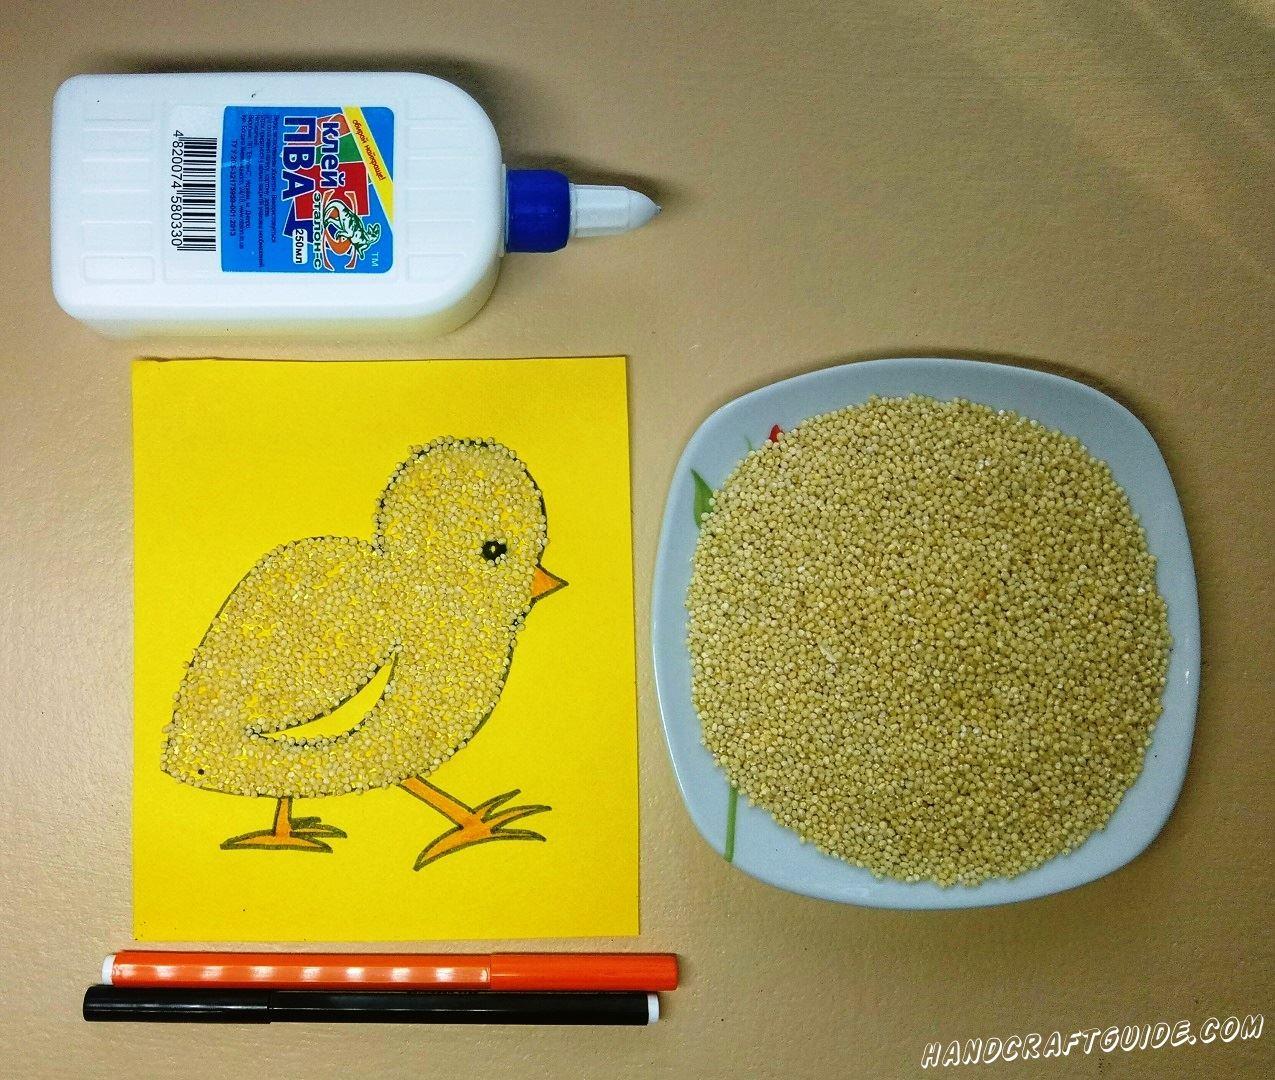 поделка цыплёнок из крупы для детей